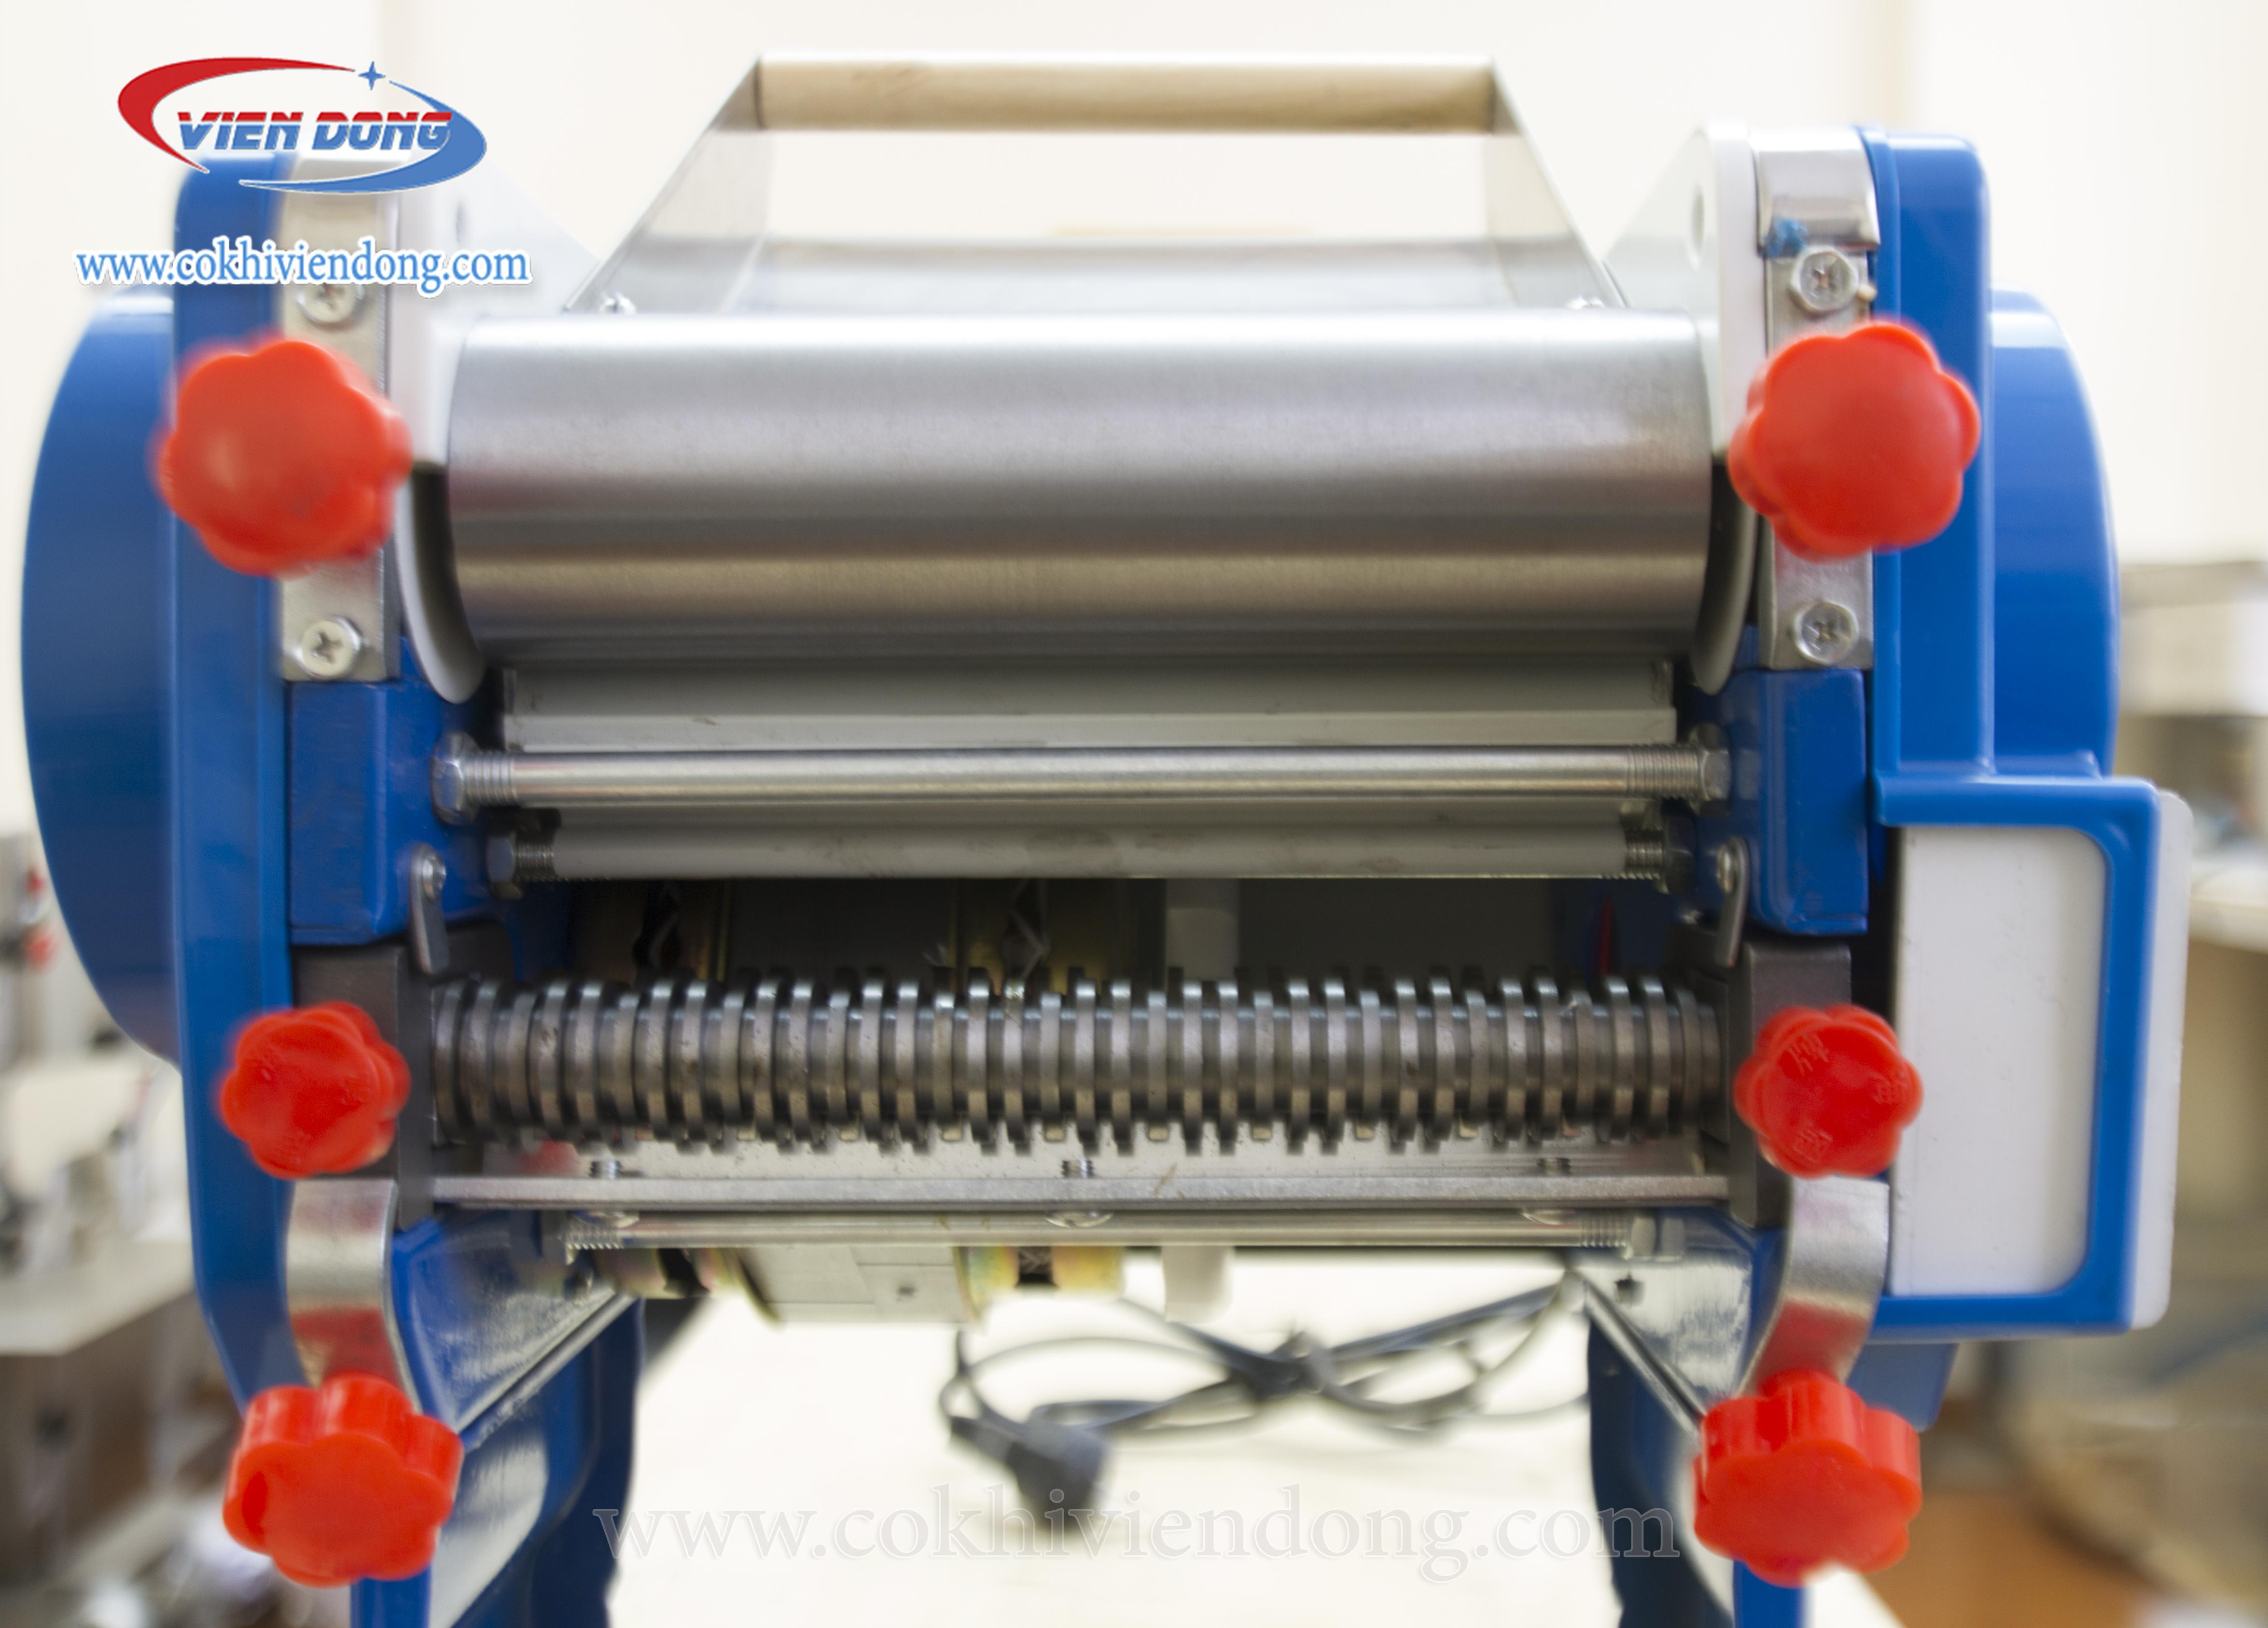 Máy cán bột & cắt bột DZM-200B